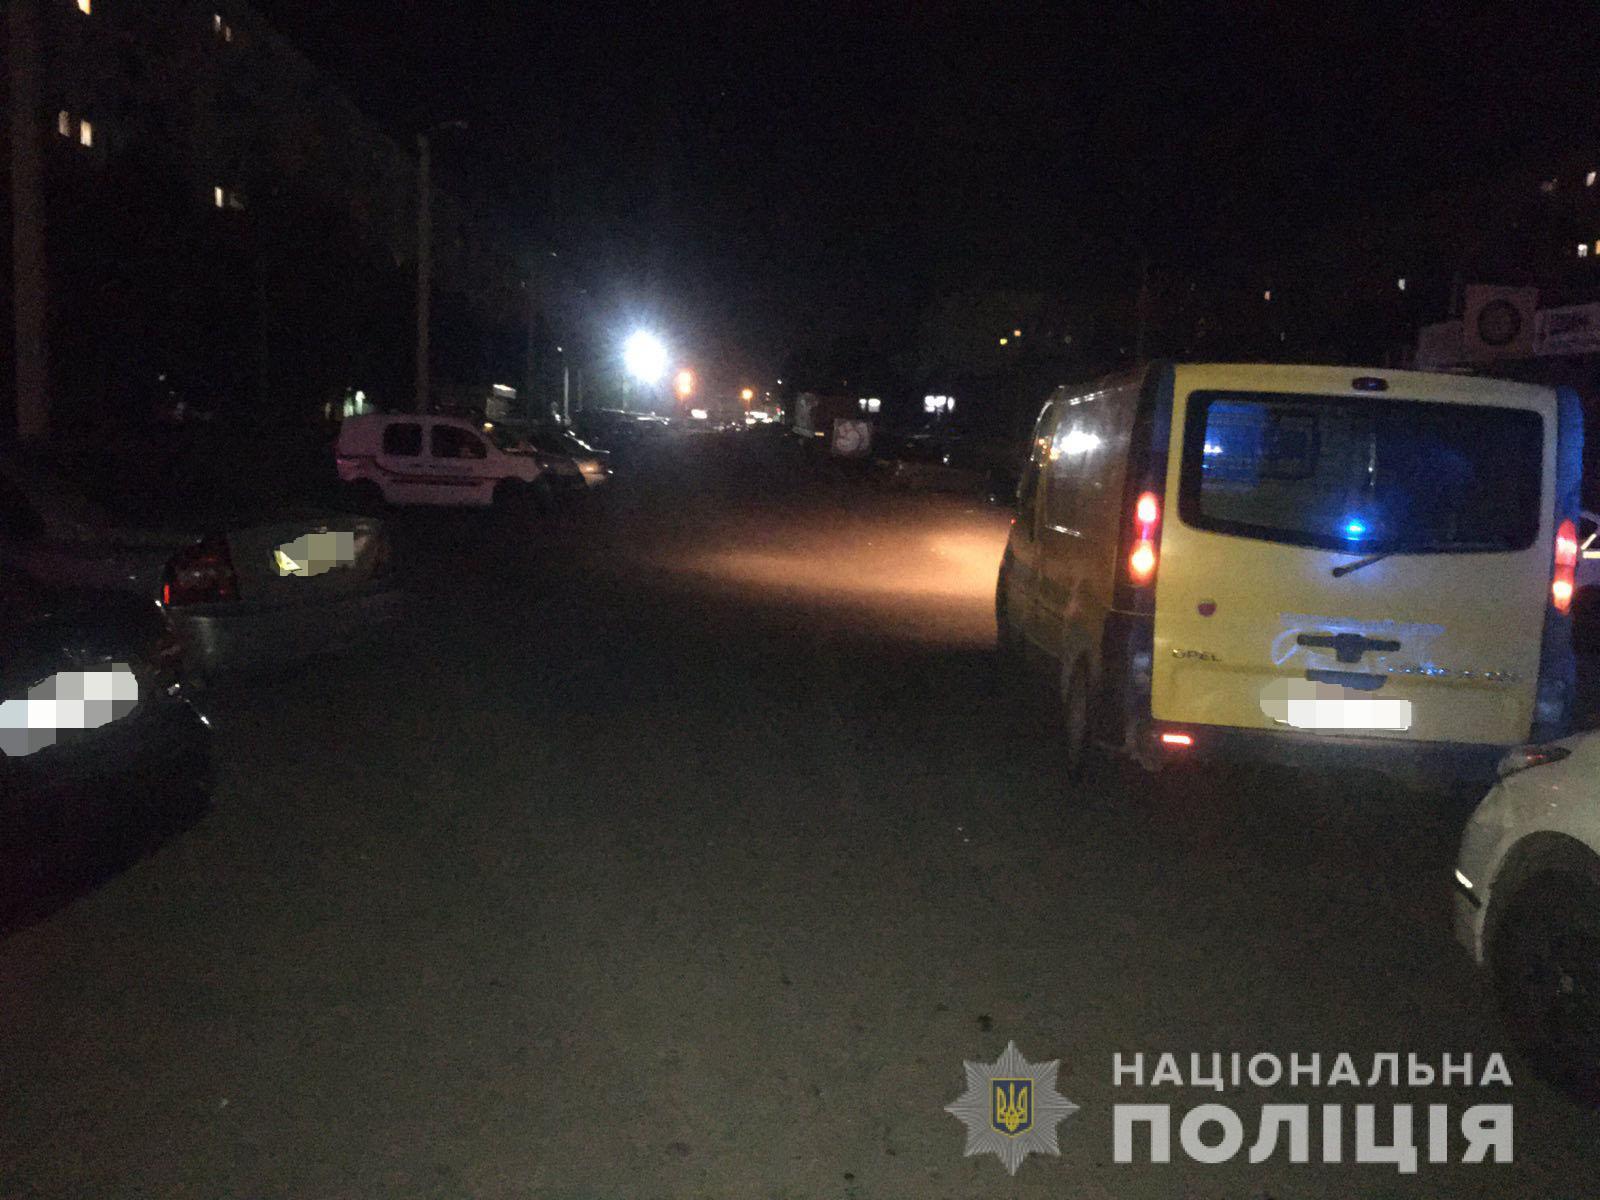 Водитель в Харькове сбил 9-летнего мальчика – открыто уголовное дело